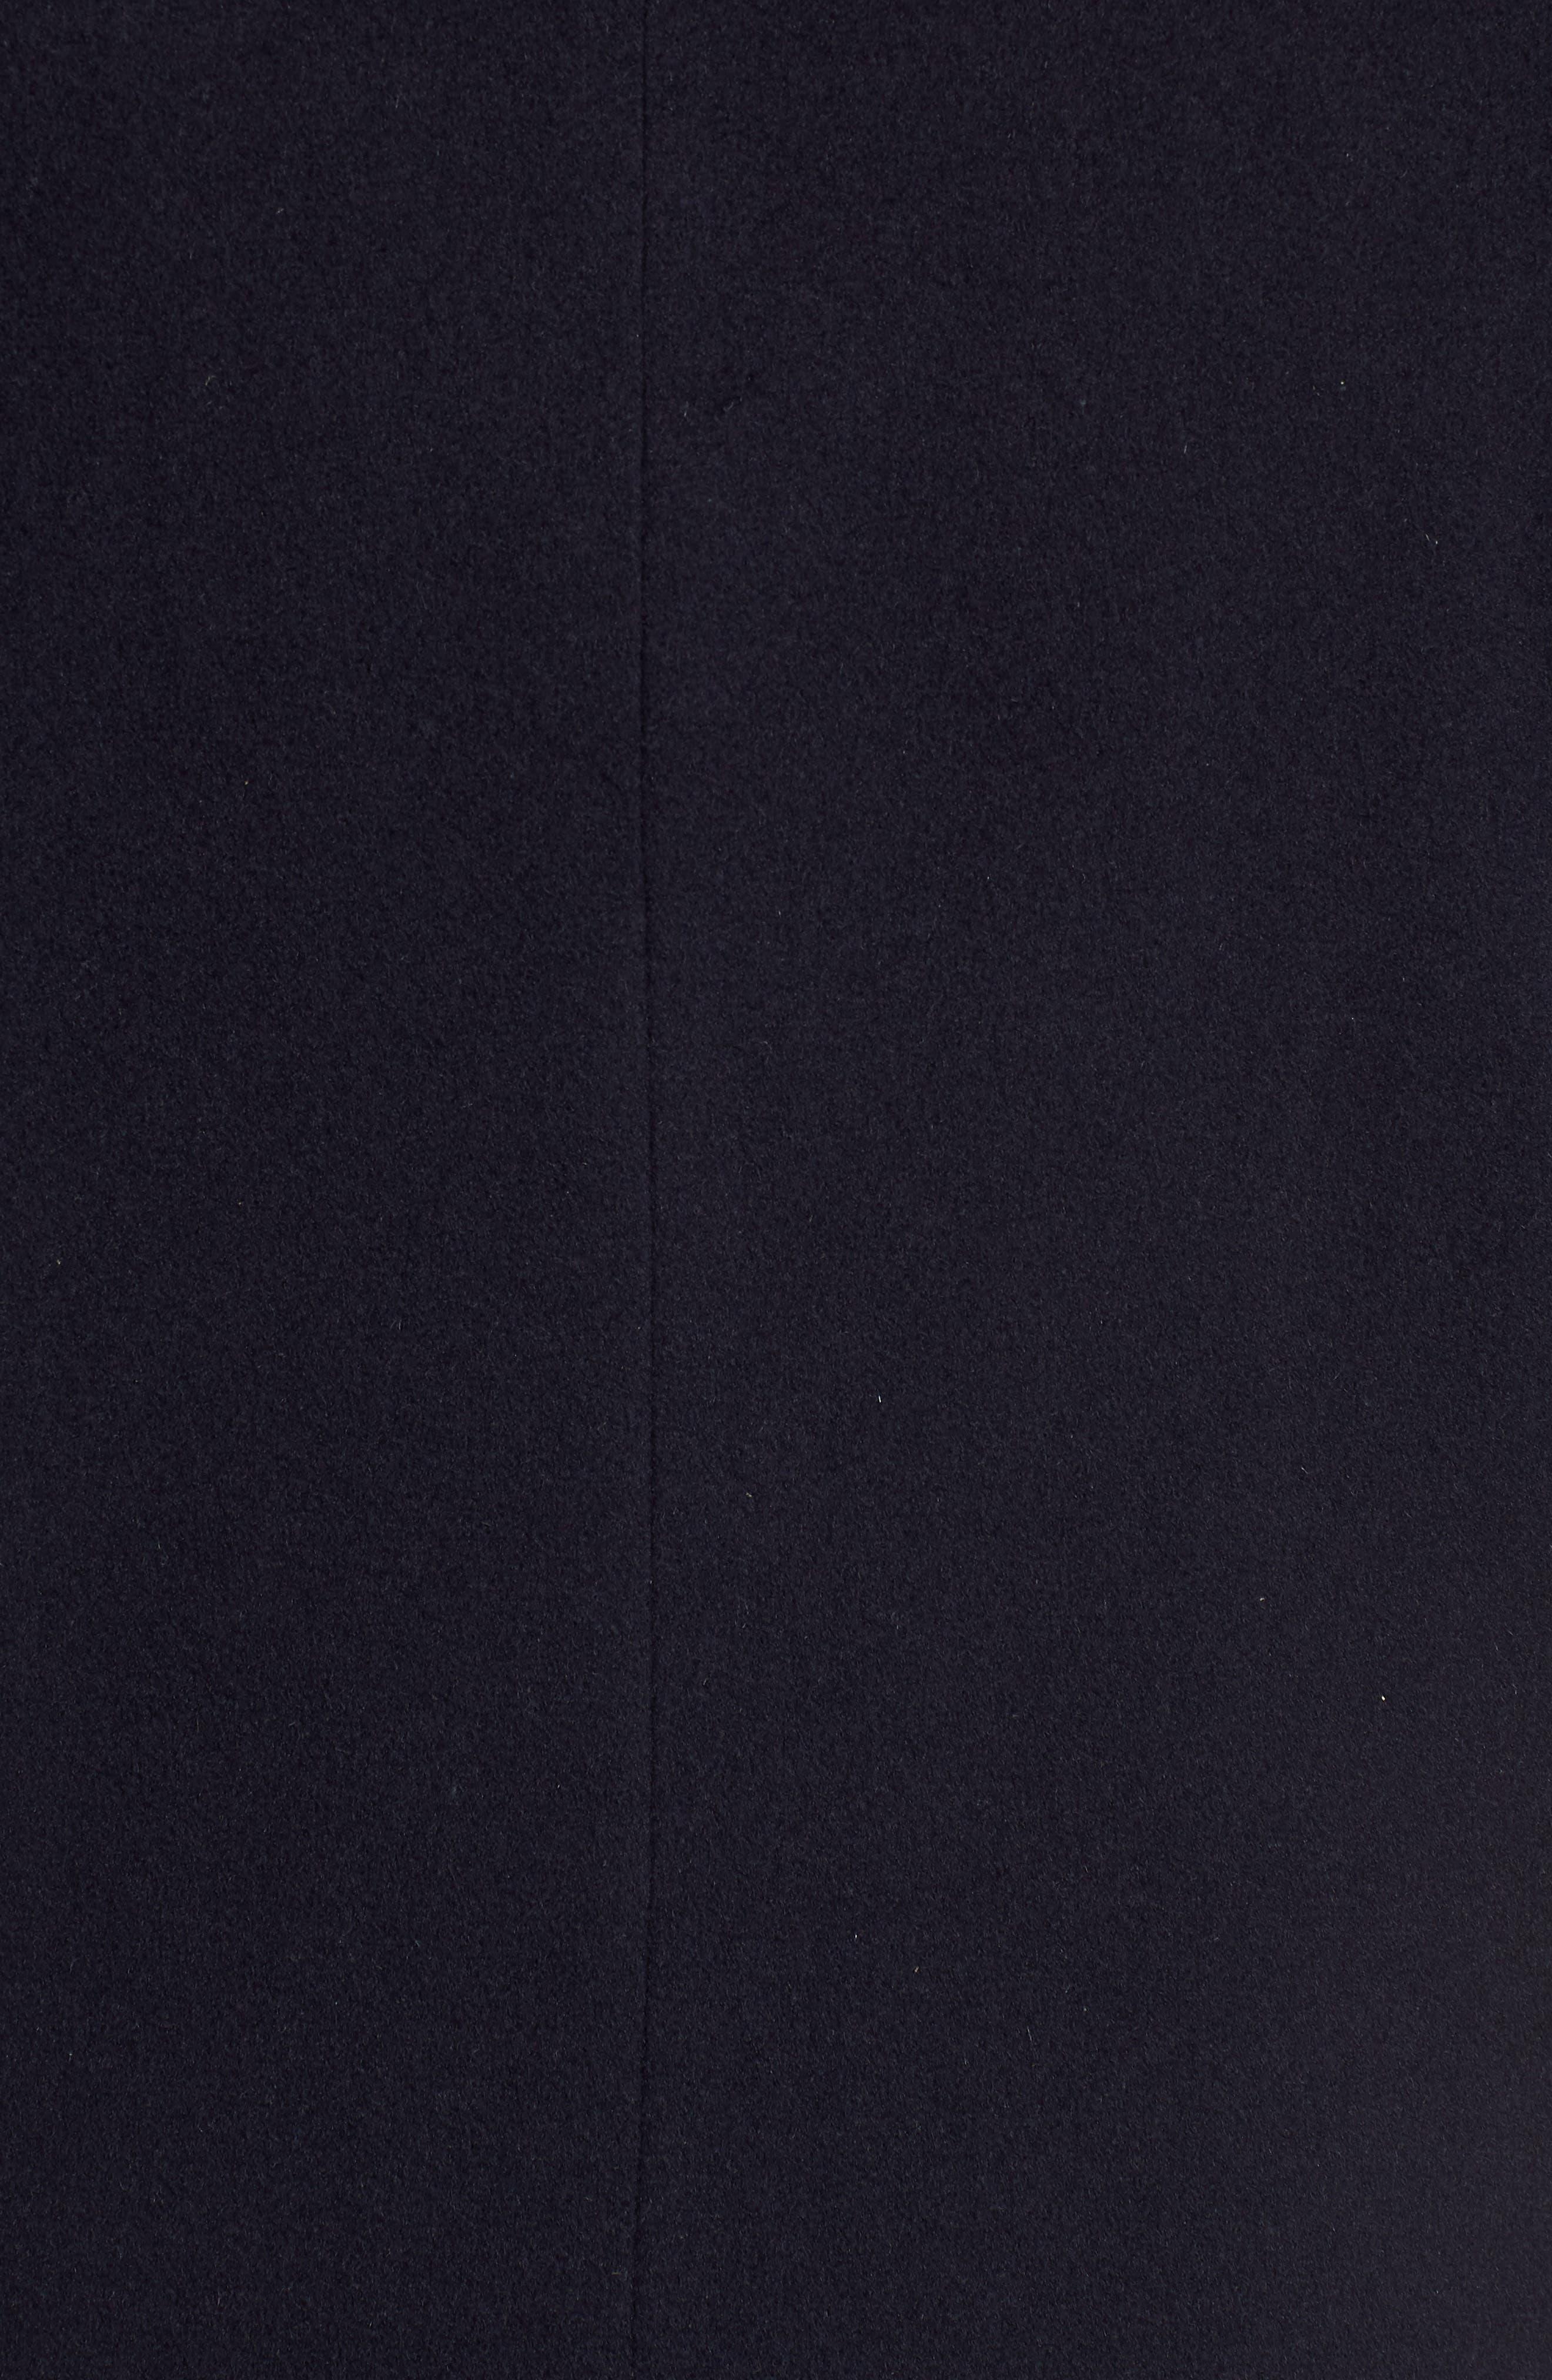 Italian Wool Blend Overcoat,                             Alternate thumbnail 18, color,